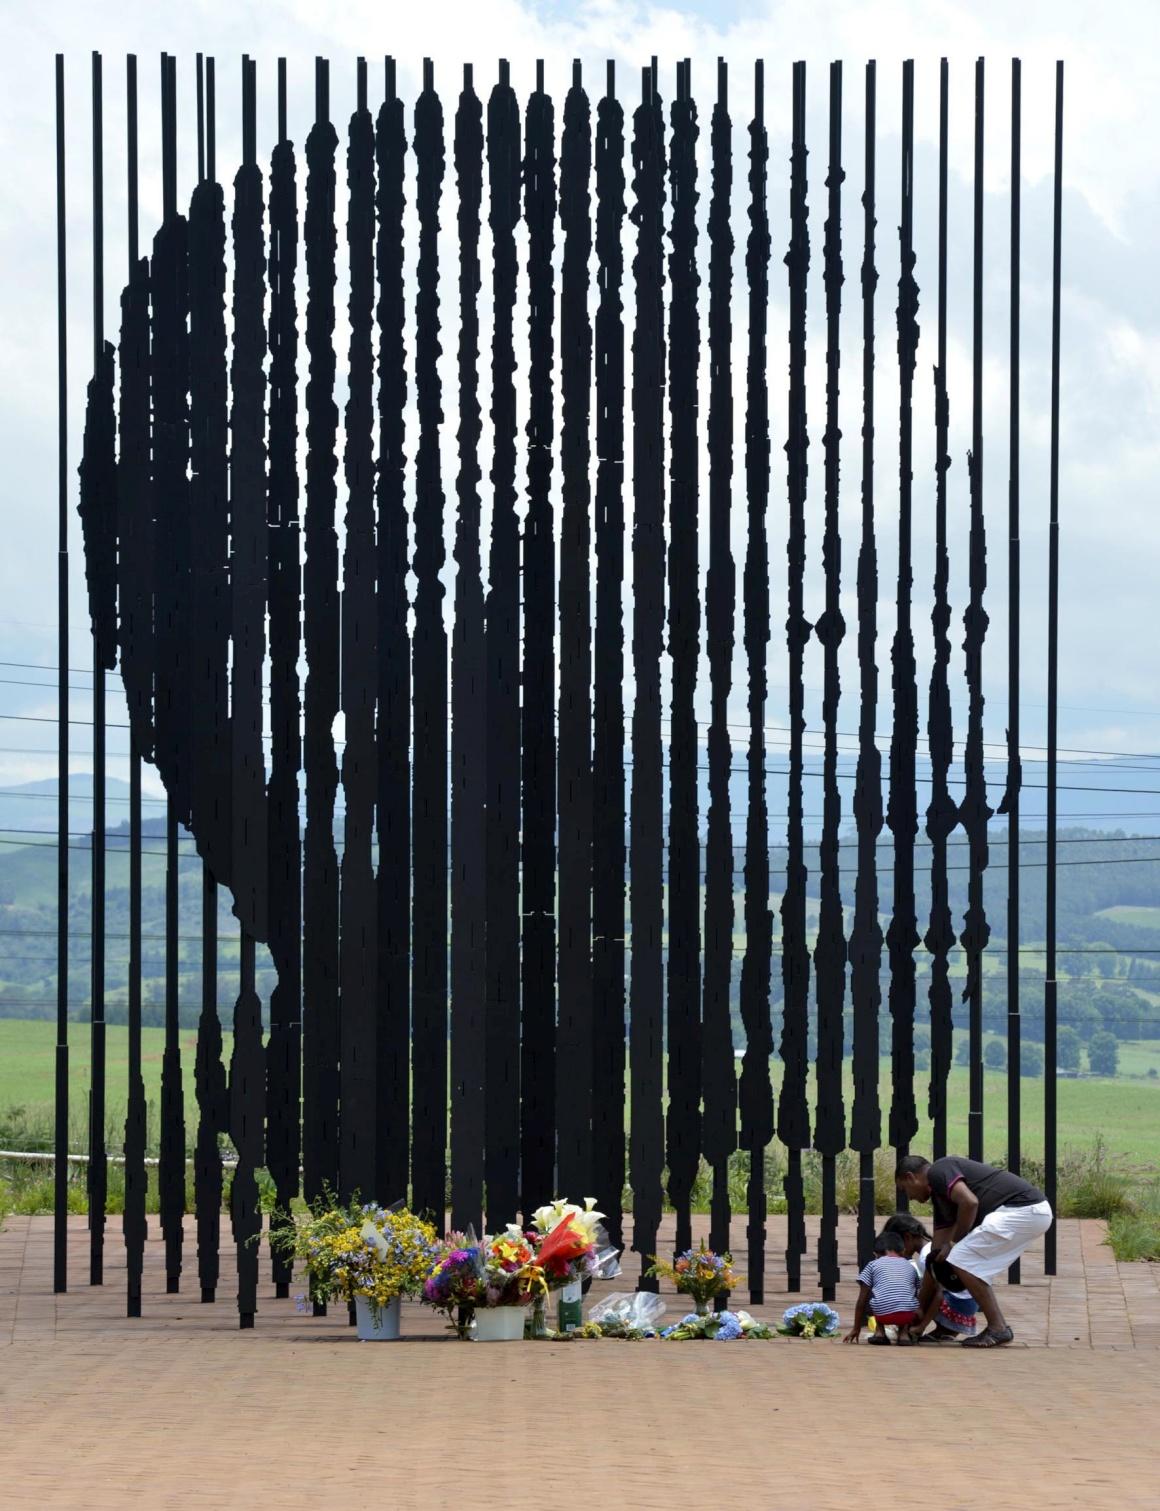 ÁFRICA DO SUL, 6.12.2013. Homenagem a um herói do mundo, Nelson Mandela, após o seu falecimento. Mandela Capture Site (o local onde Mandela foi preso), Howick, KwaZulu-Natal